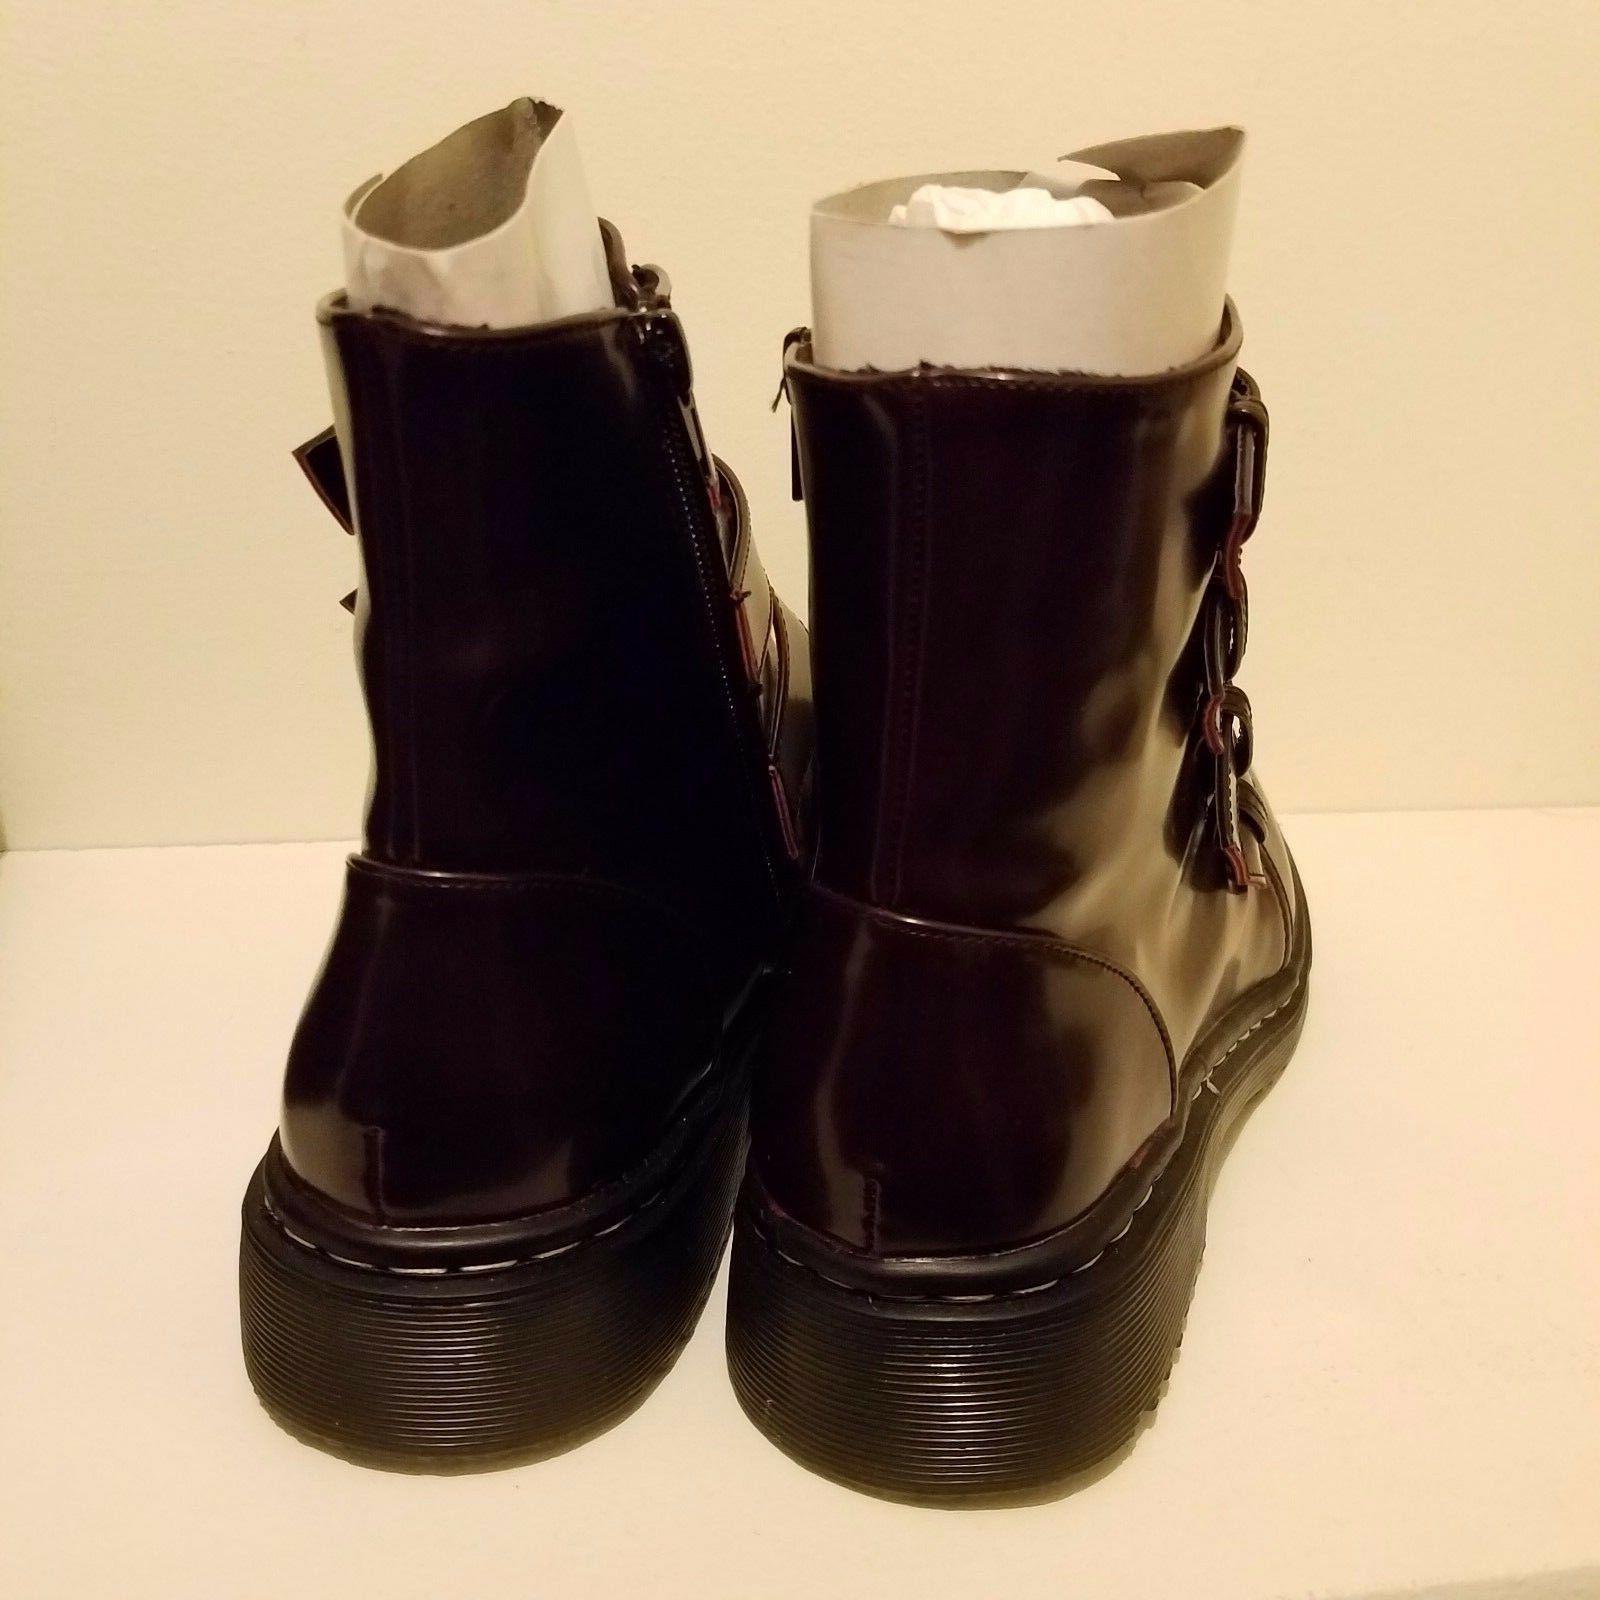 Boohoo Molly Multi Buckle Boot